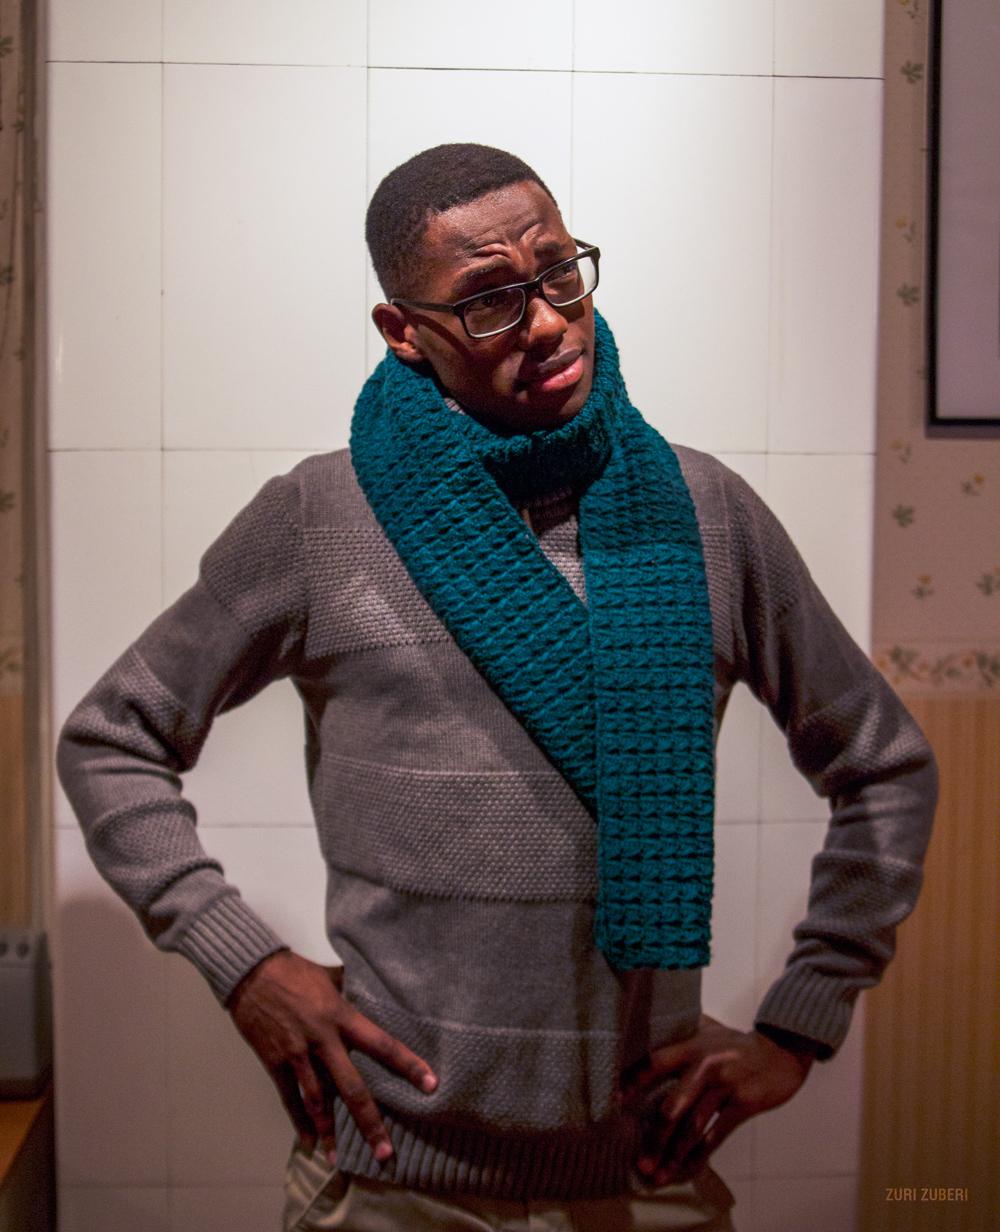 Zuri_Zuberi_teal_scarf_4